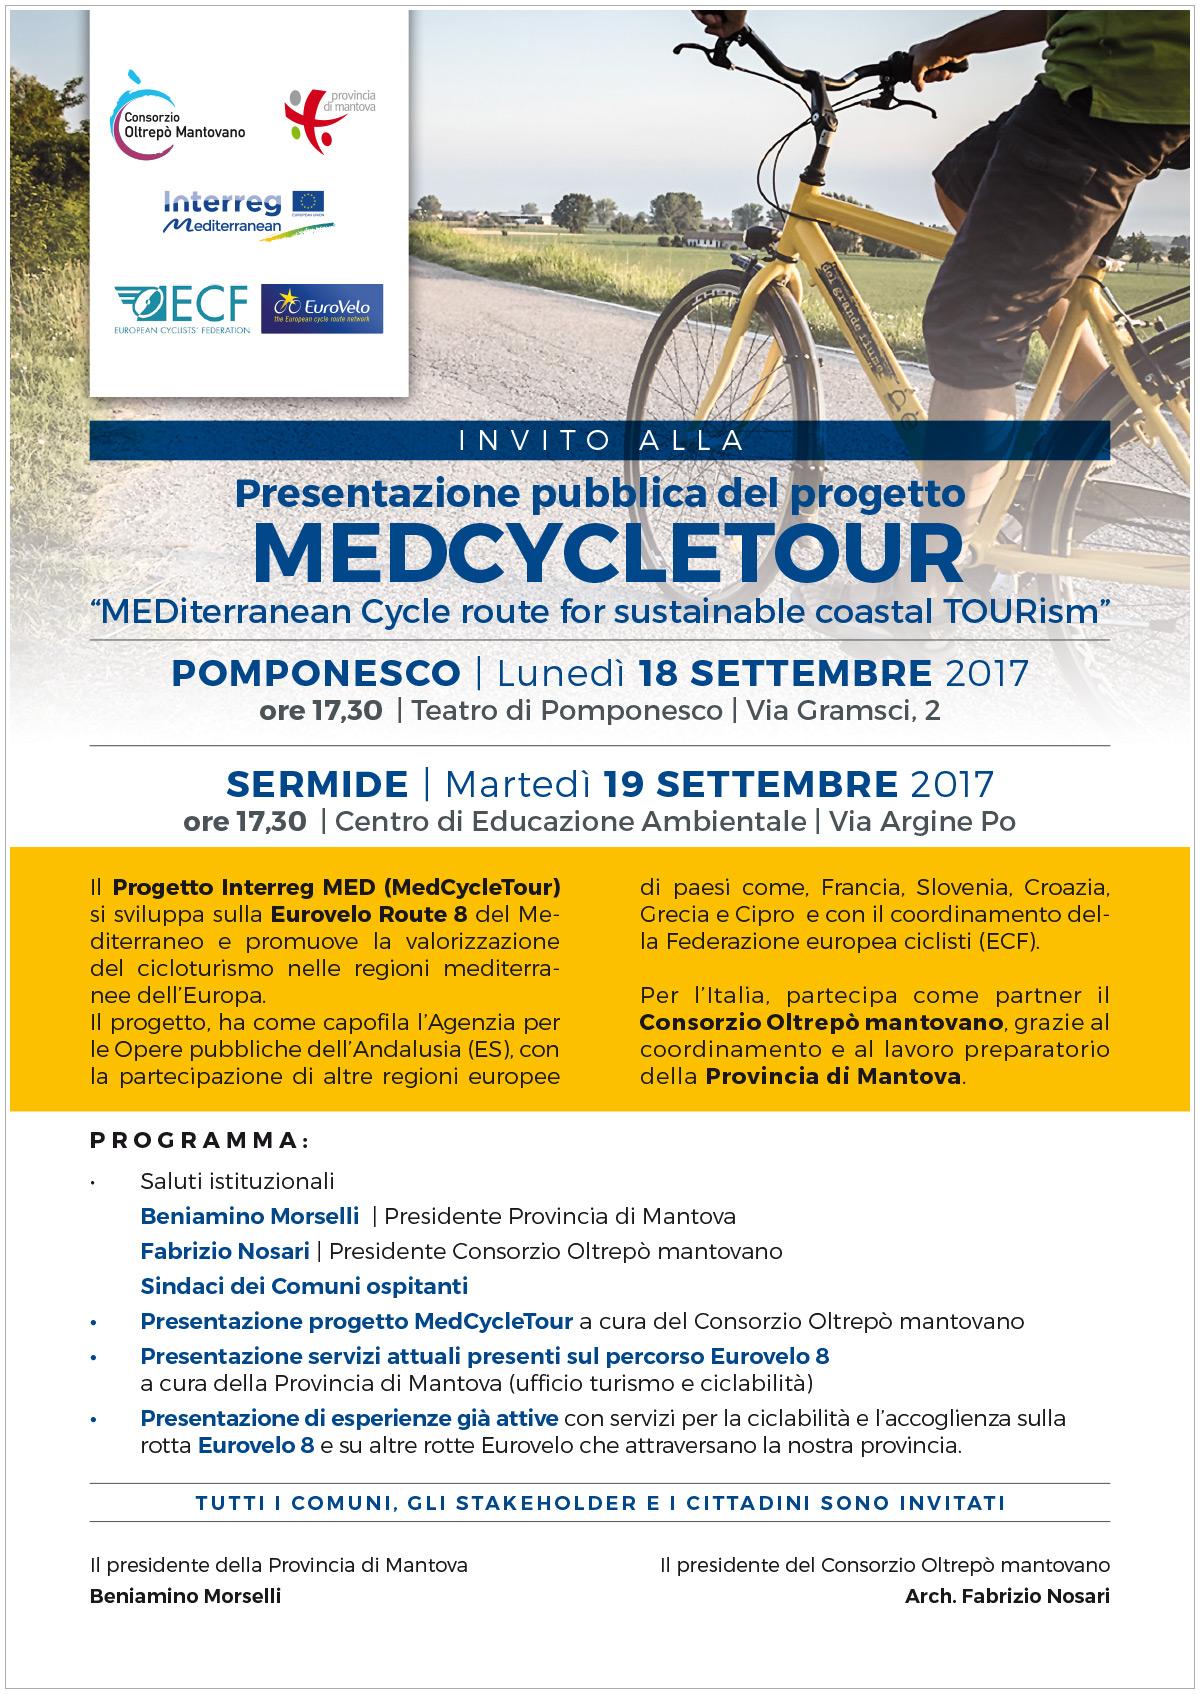 Presentazione del progetto MedCycleTour